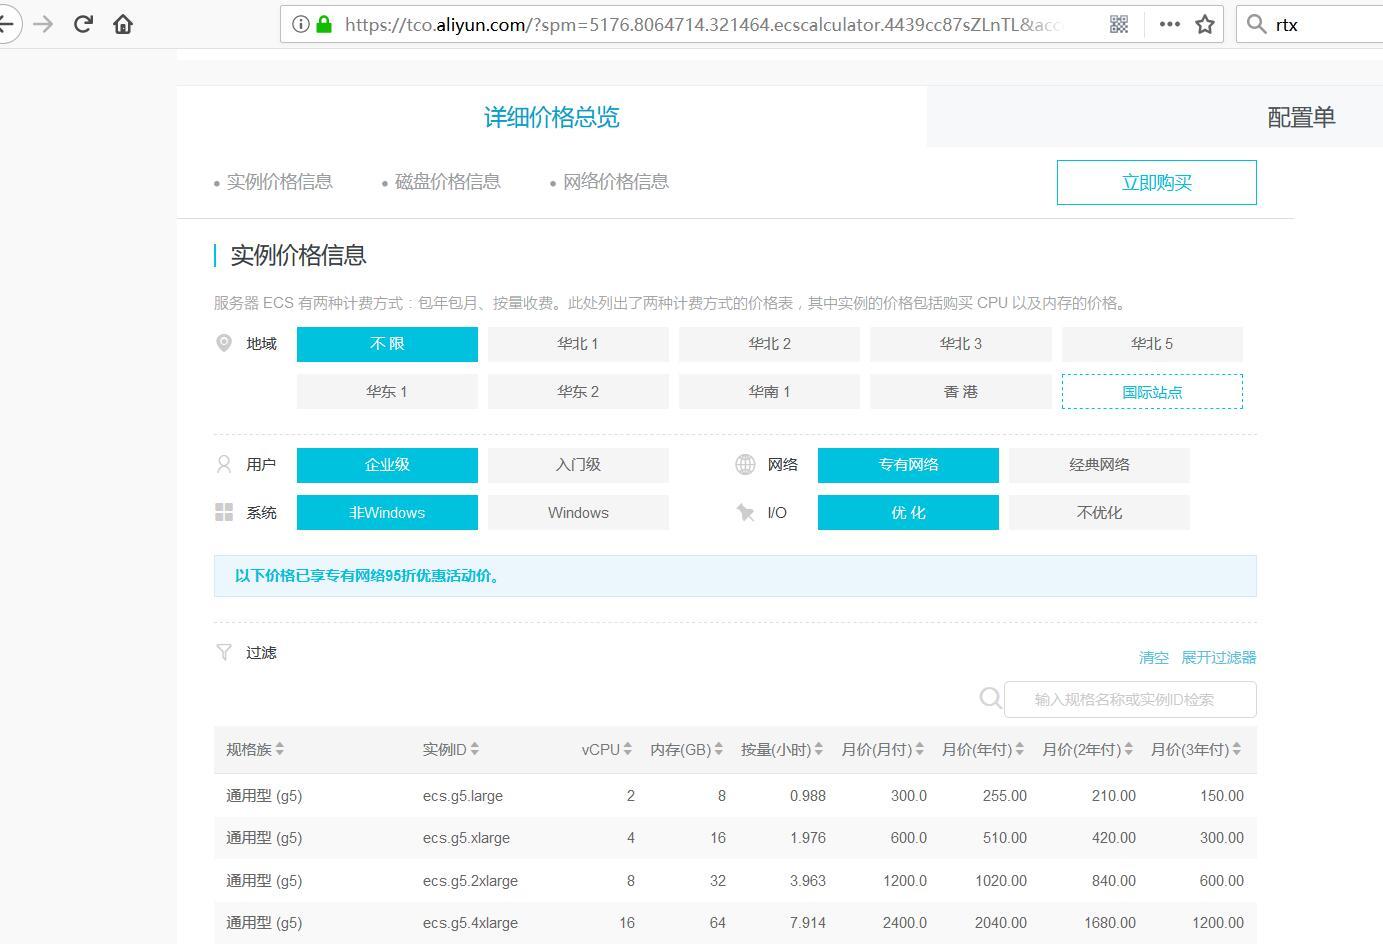 阿里云服务器价格表和腾讯云服务器价格表对比